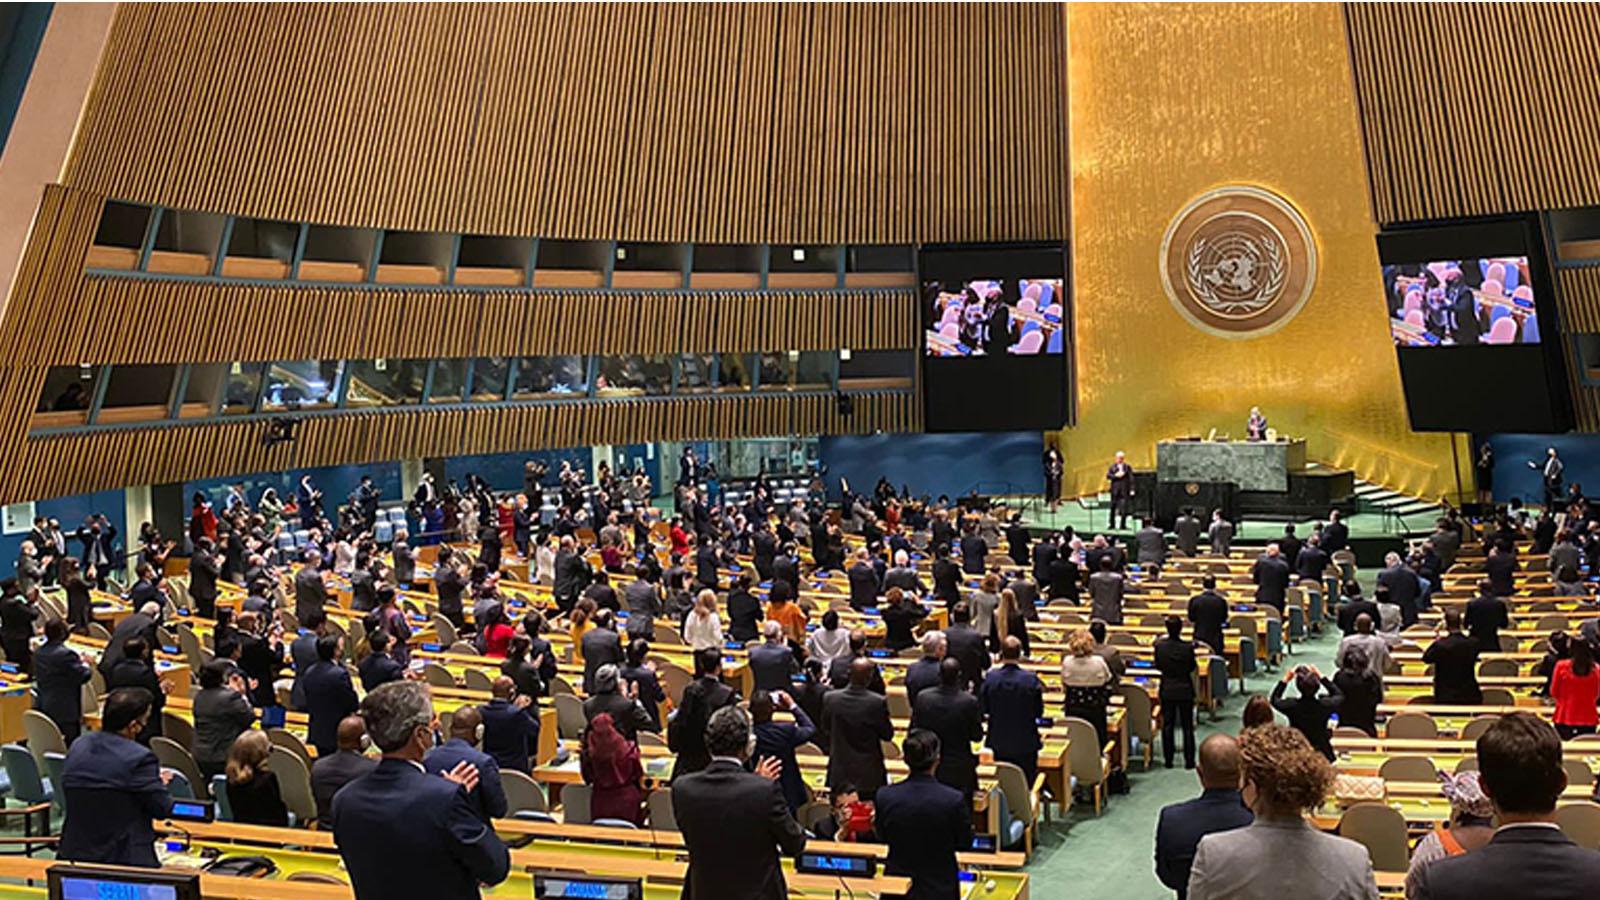 संयुक्त राष्ट्रसंघको महासभामा विश्वका नेताहरूले के भने !